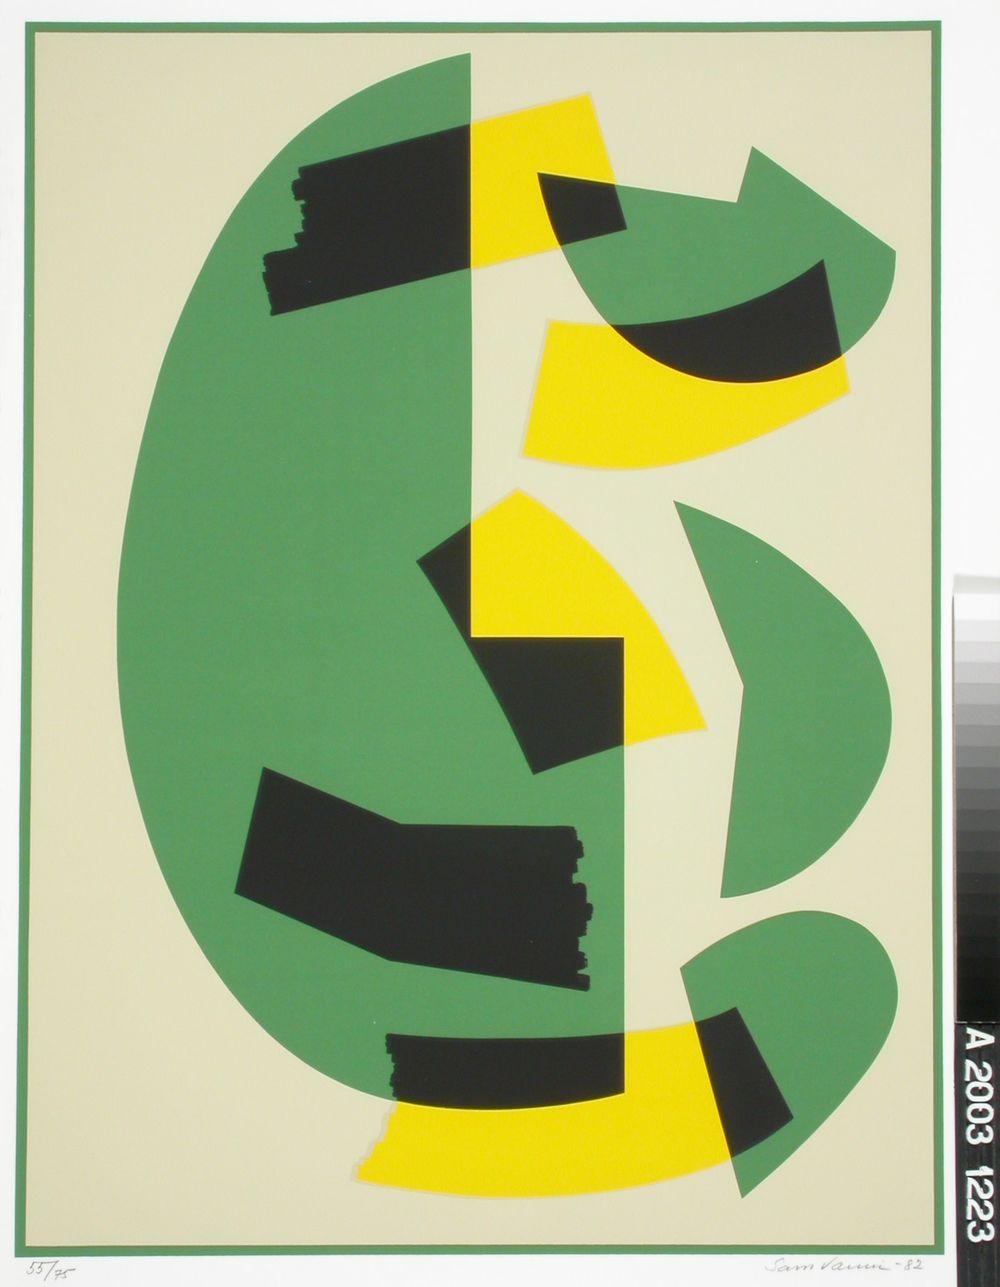 Vihreä-keltainen sarjasta 4-värin etydejä